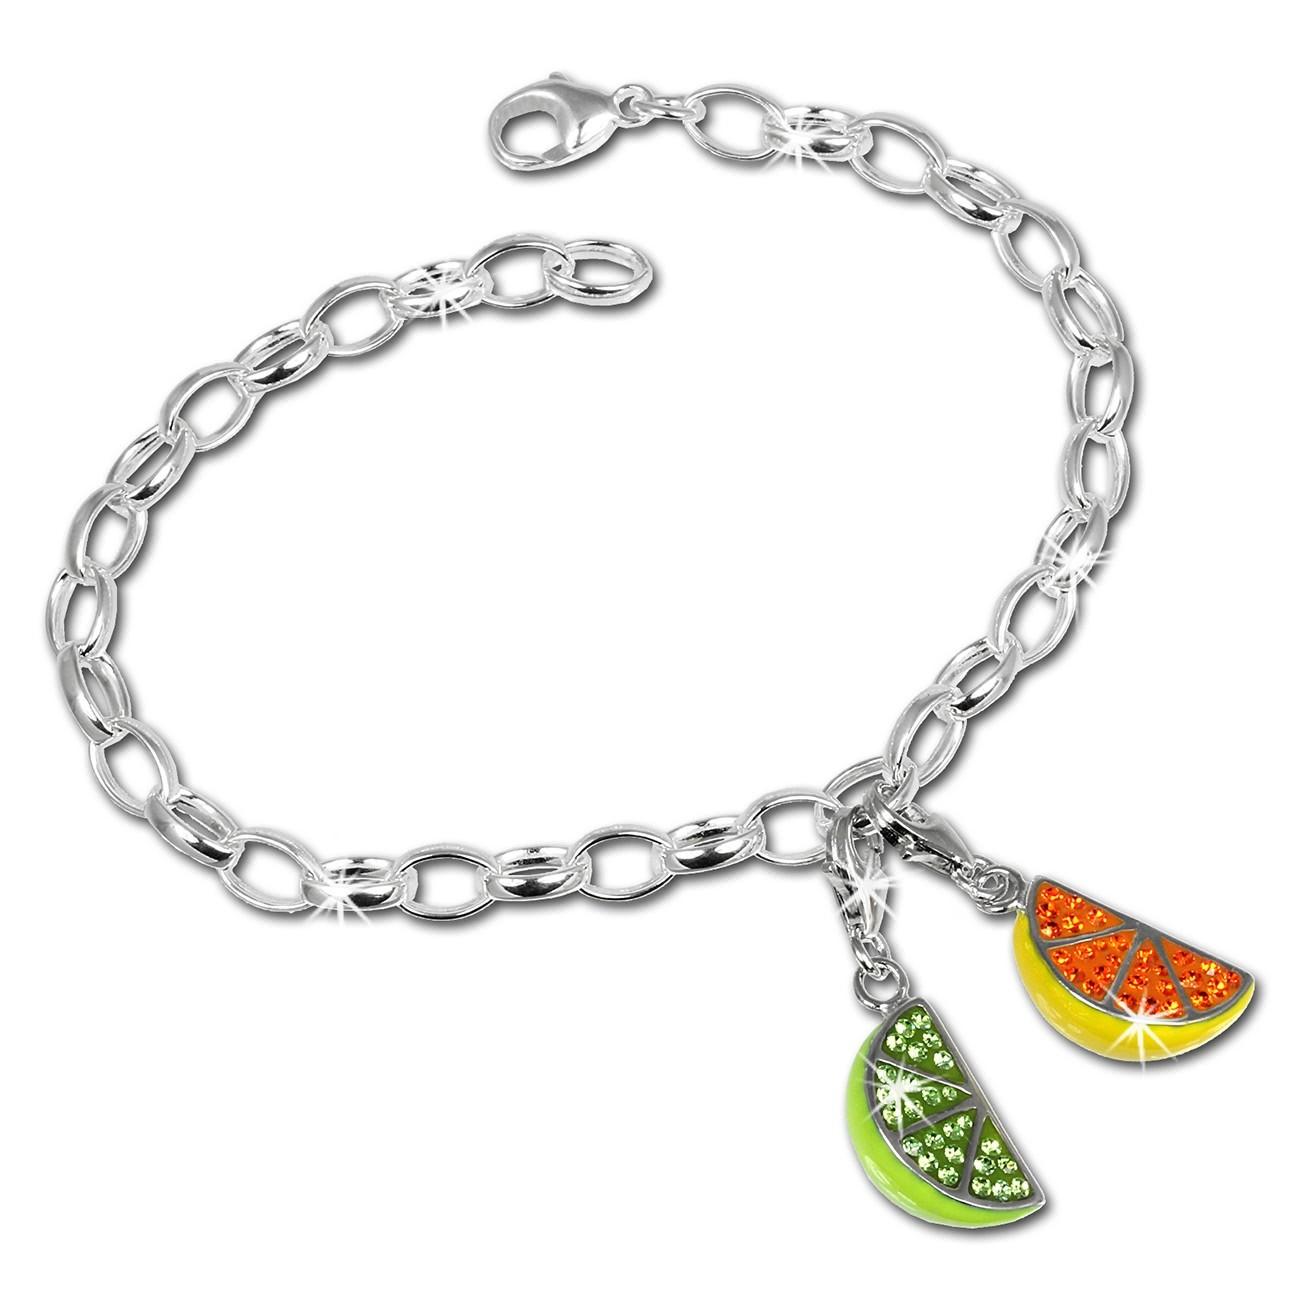 SilberDream Charm Glitzerset Obst 925er Silber Armband Anhänger FCA143